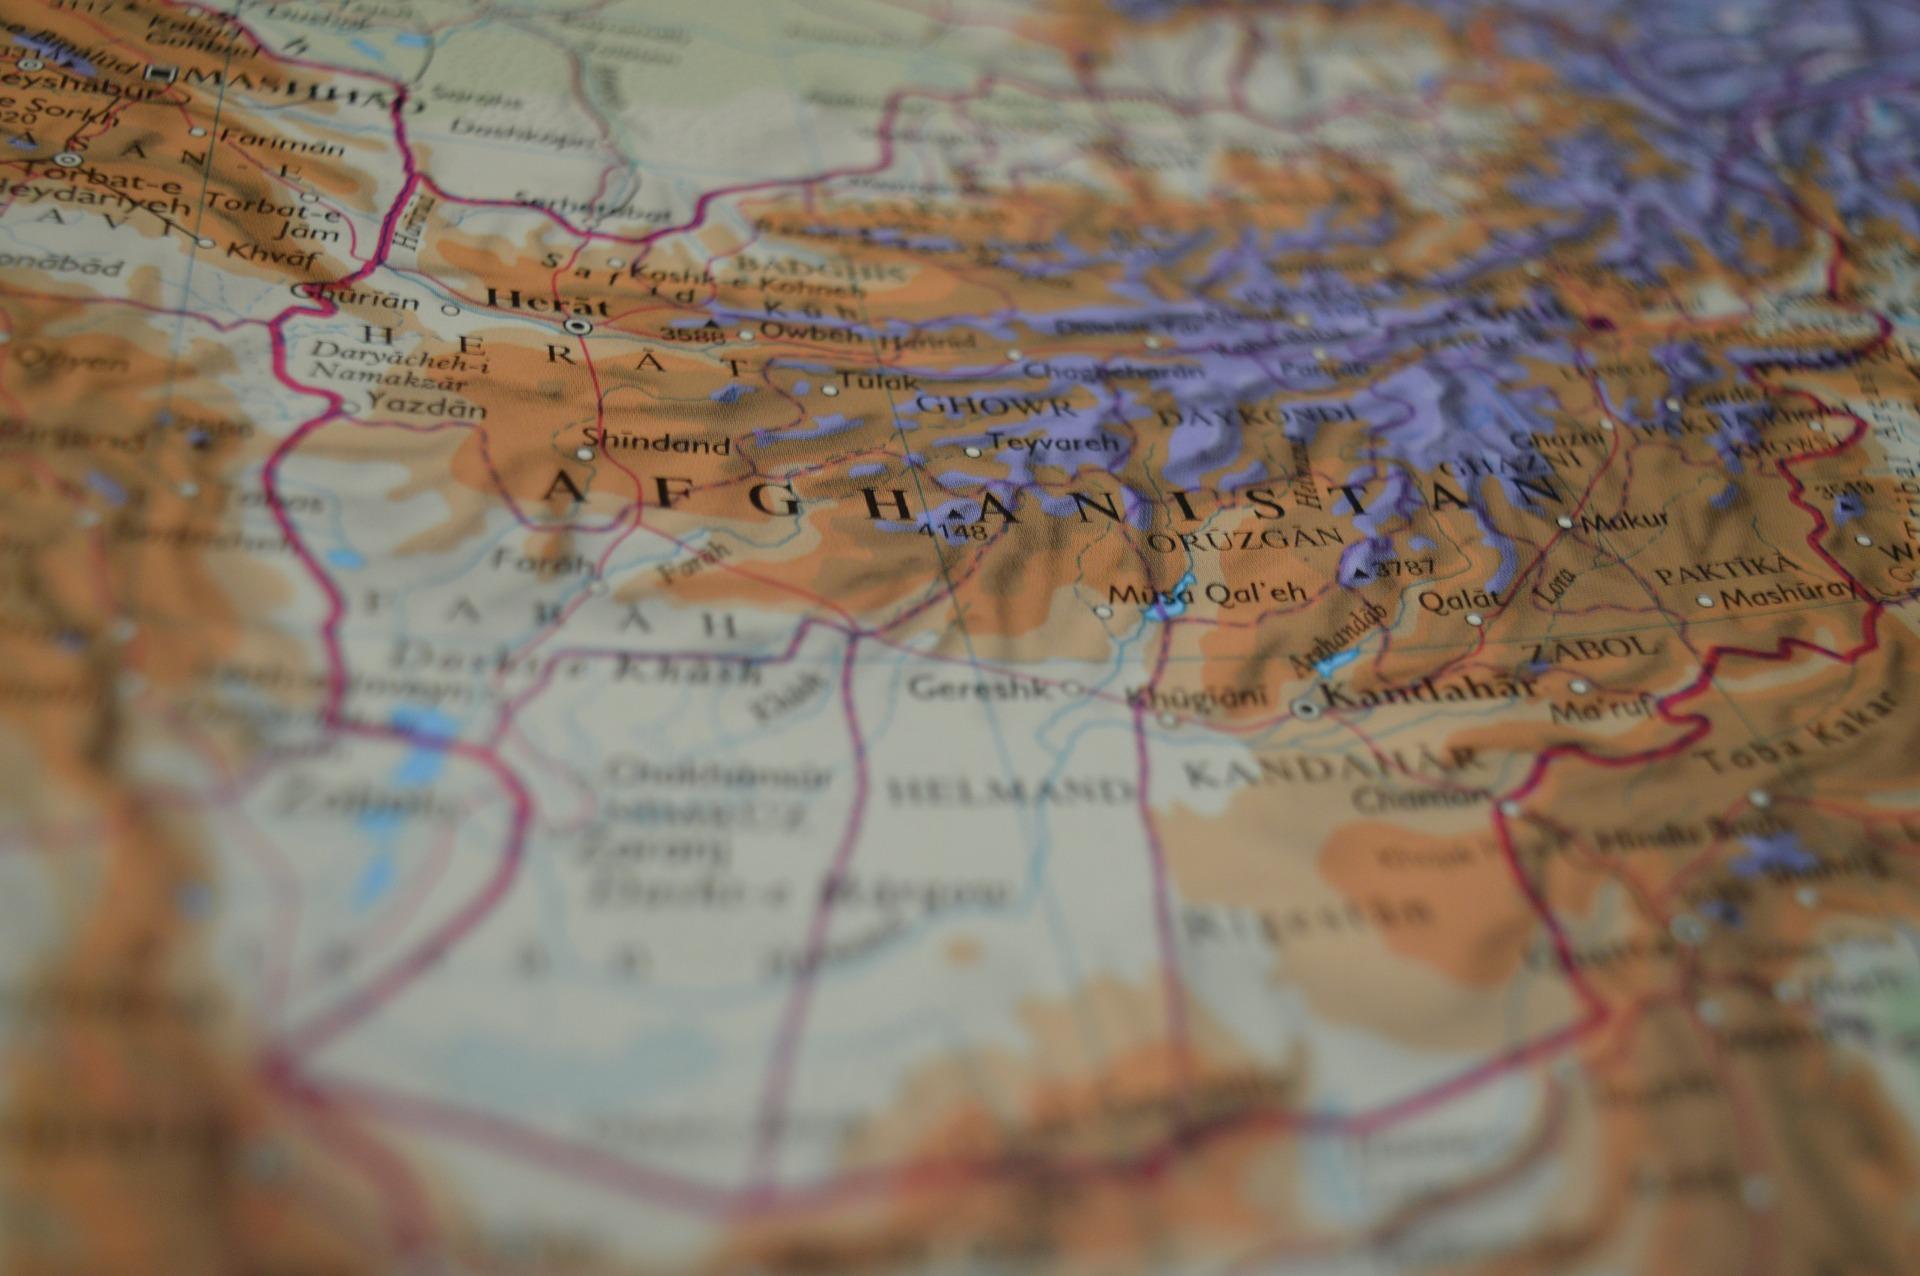 All-Inklusive: PFUI-Reisen bietet 12-tägige Pauschalrundreise nach Afghanistan an